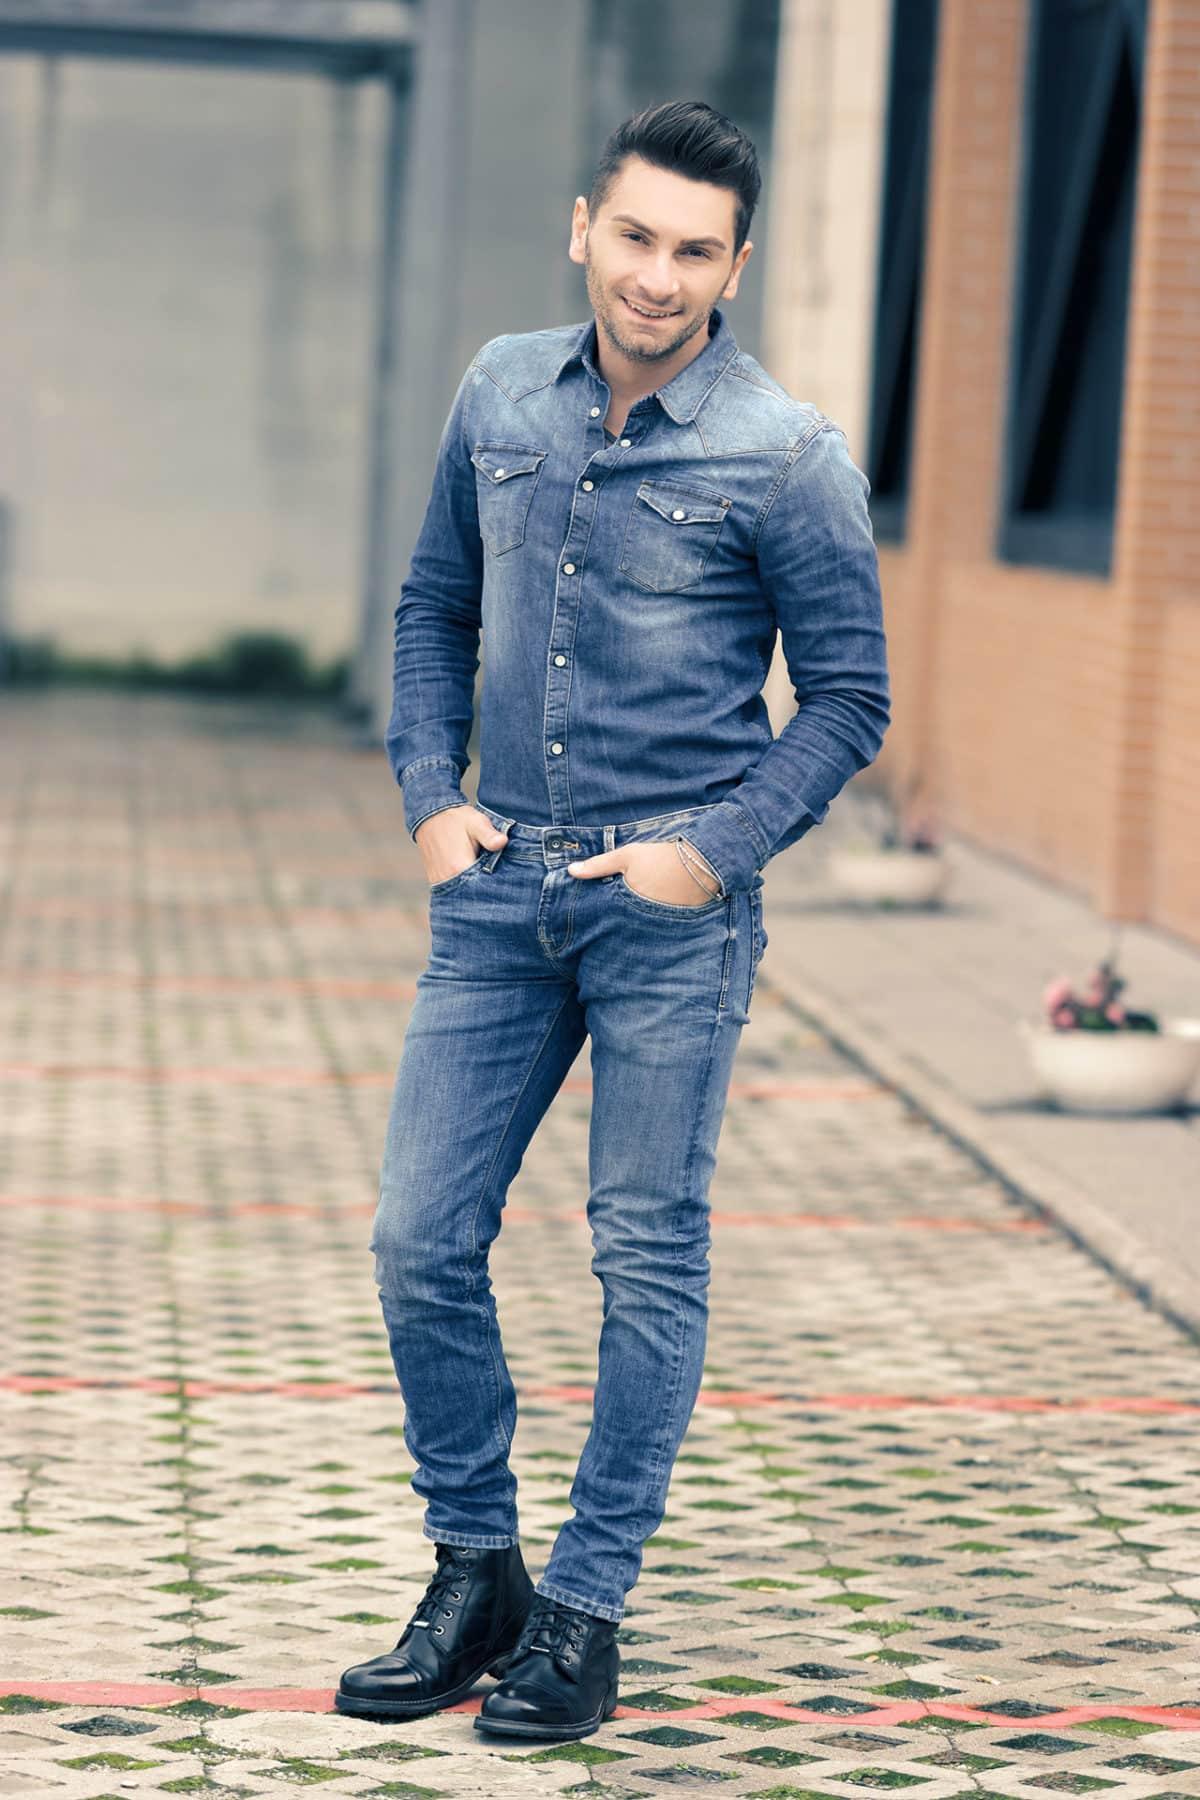 984e3a5511 Denim Fashion Week by Pepe Jeans London